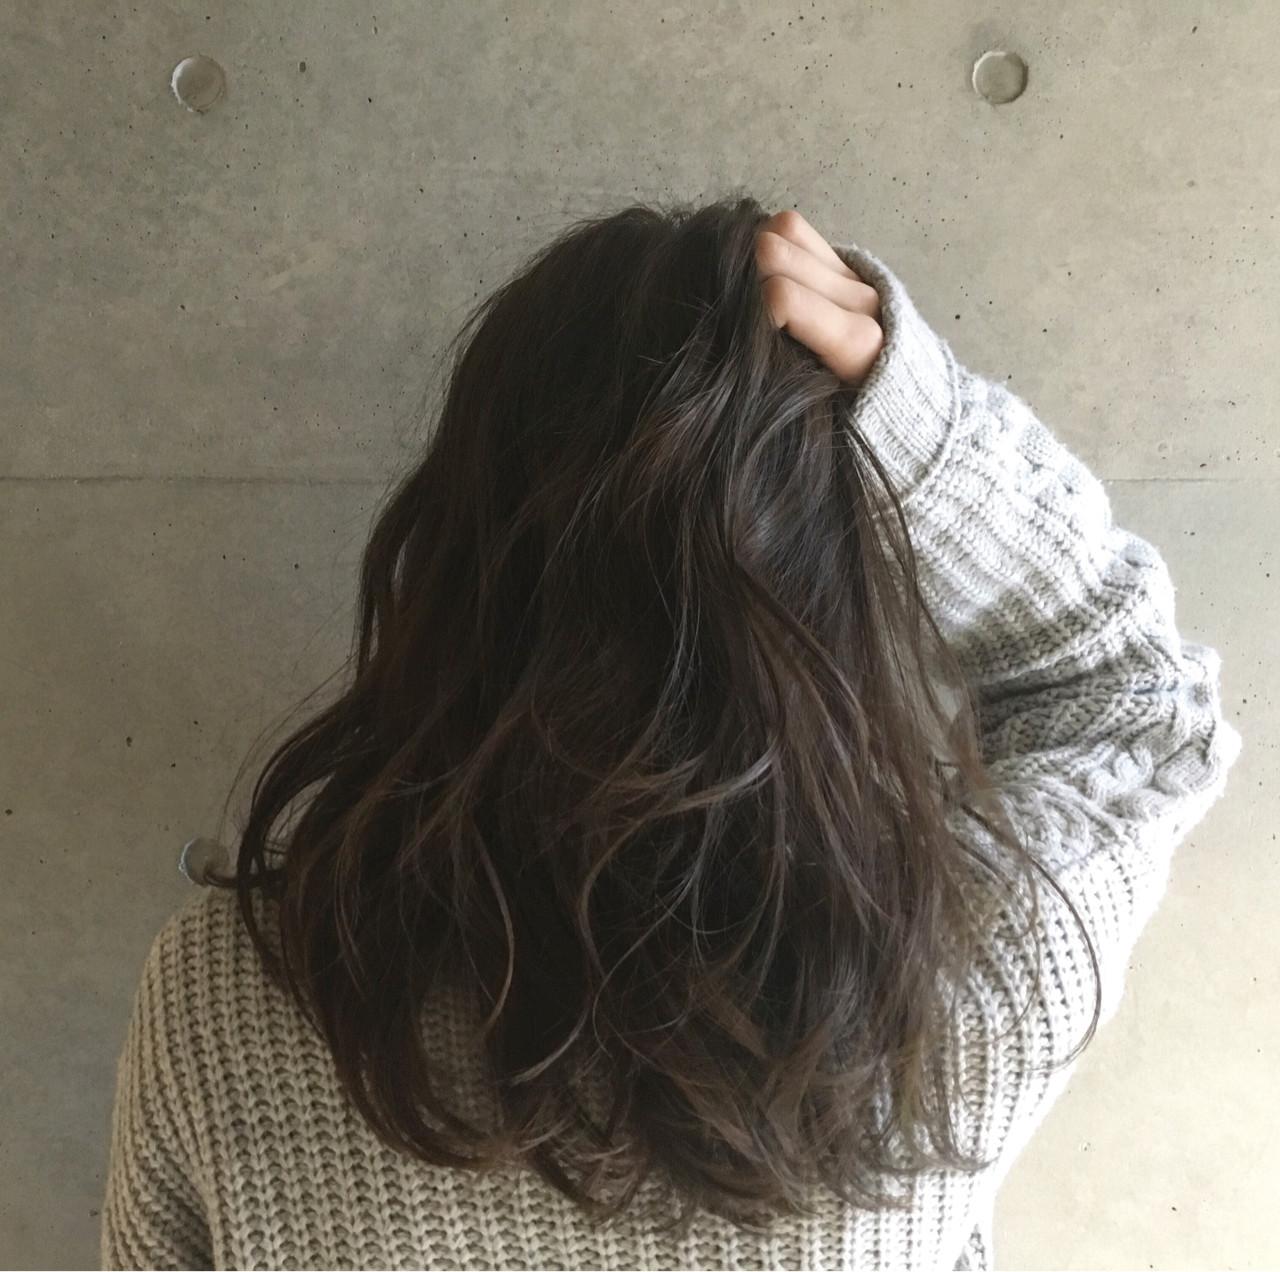 ブラウン ナチュラル アッシュ ゆるふわ ヘアスタイルや髪型の写真・画像 | Sayaka / diptyMOILA